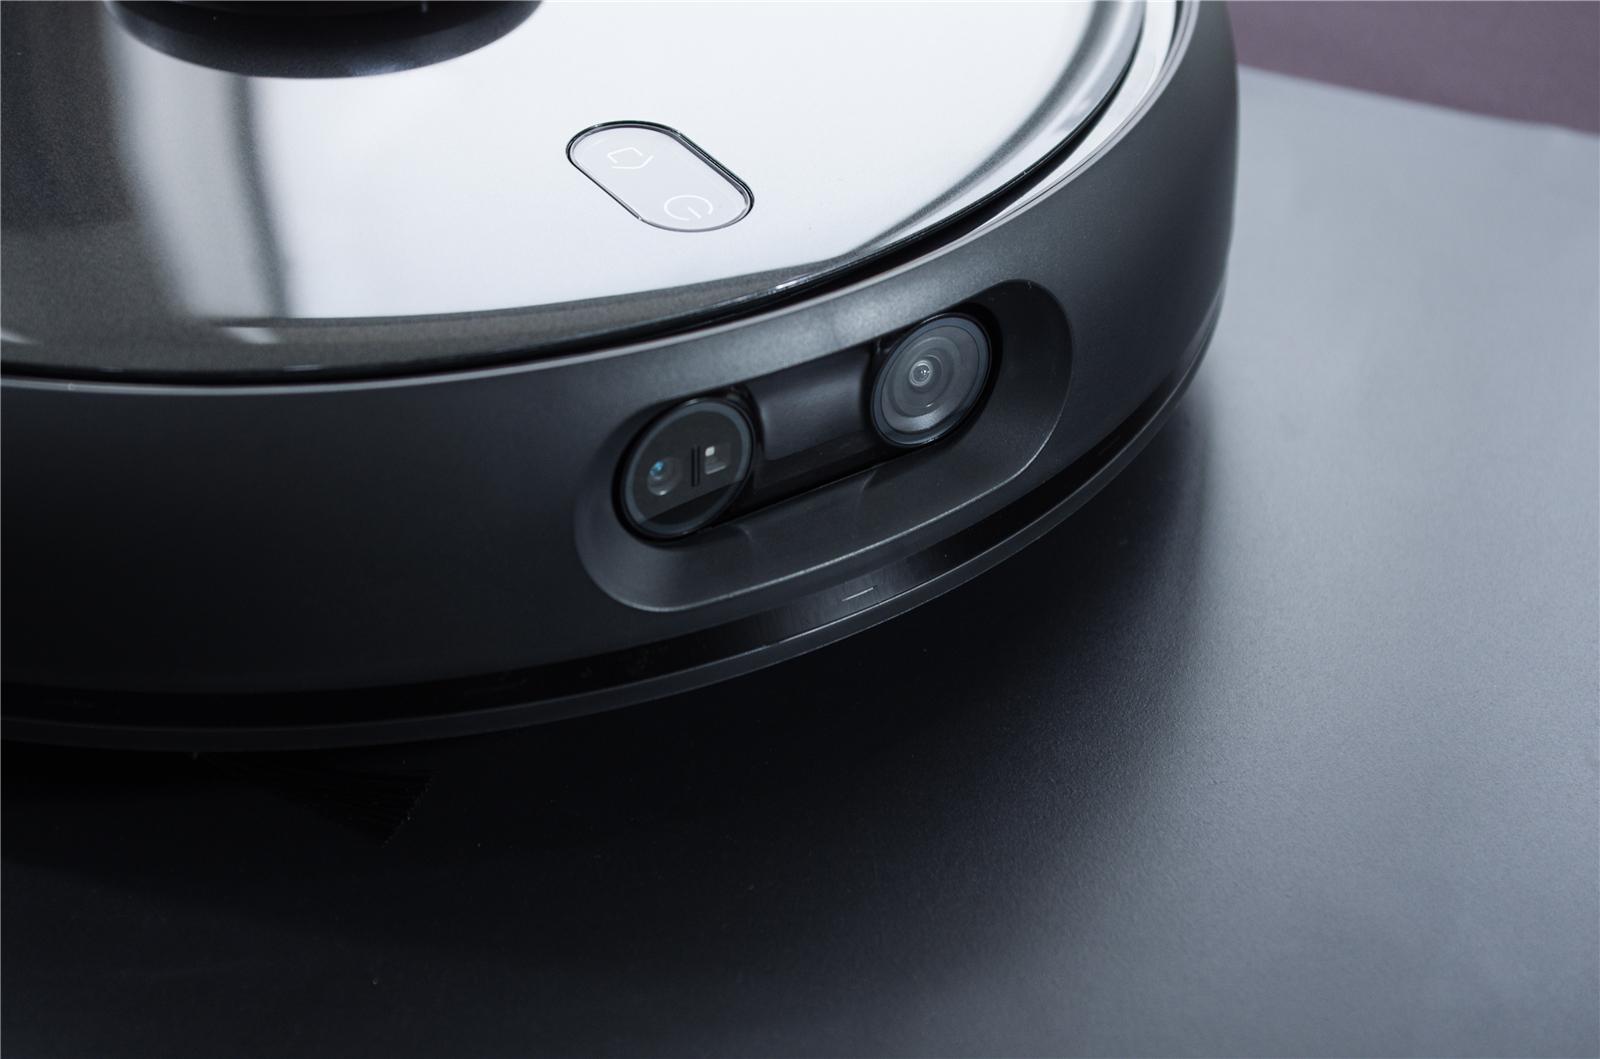 米家扫地机器人Pro评测:解放双手 聪明避障